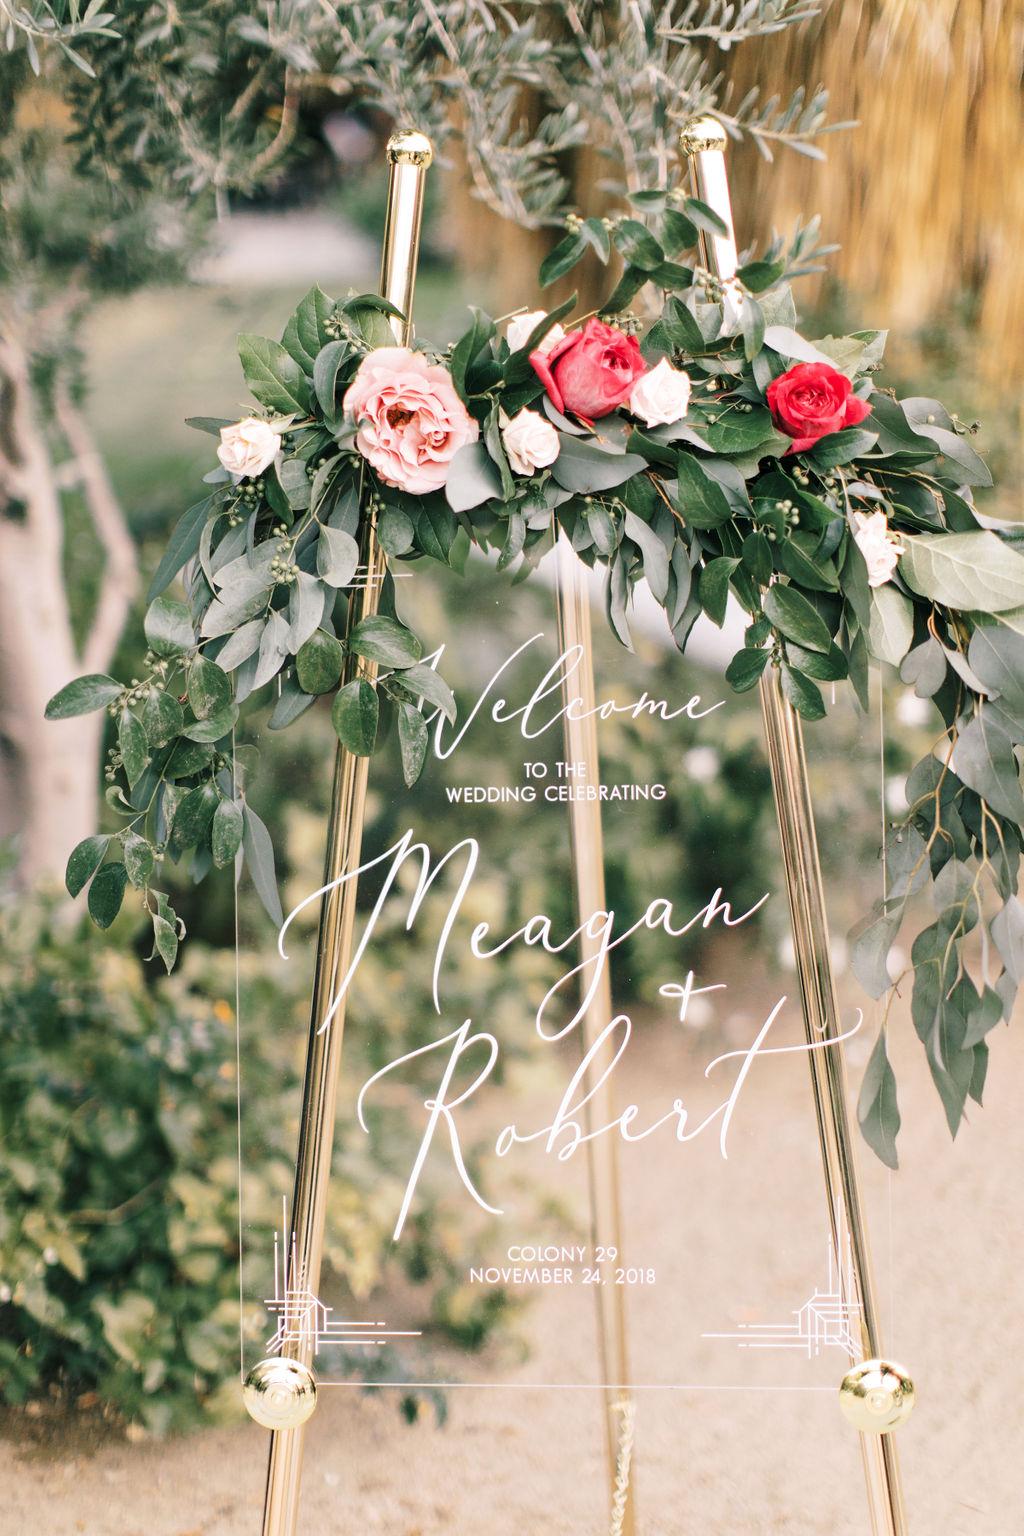 meagan robert wedding transparent sign